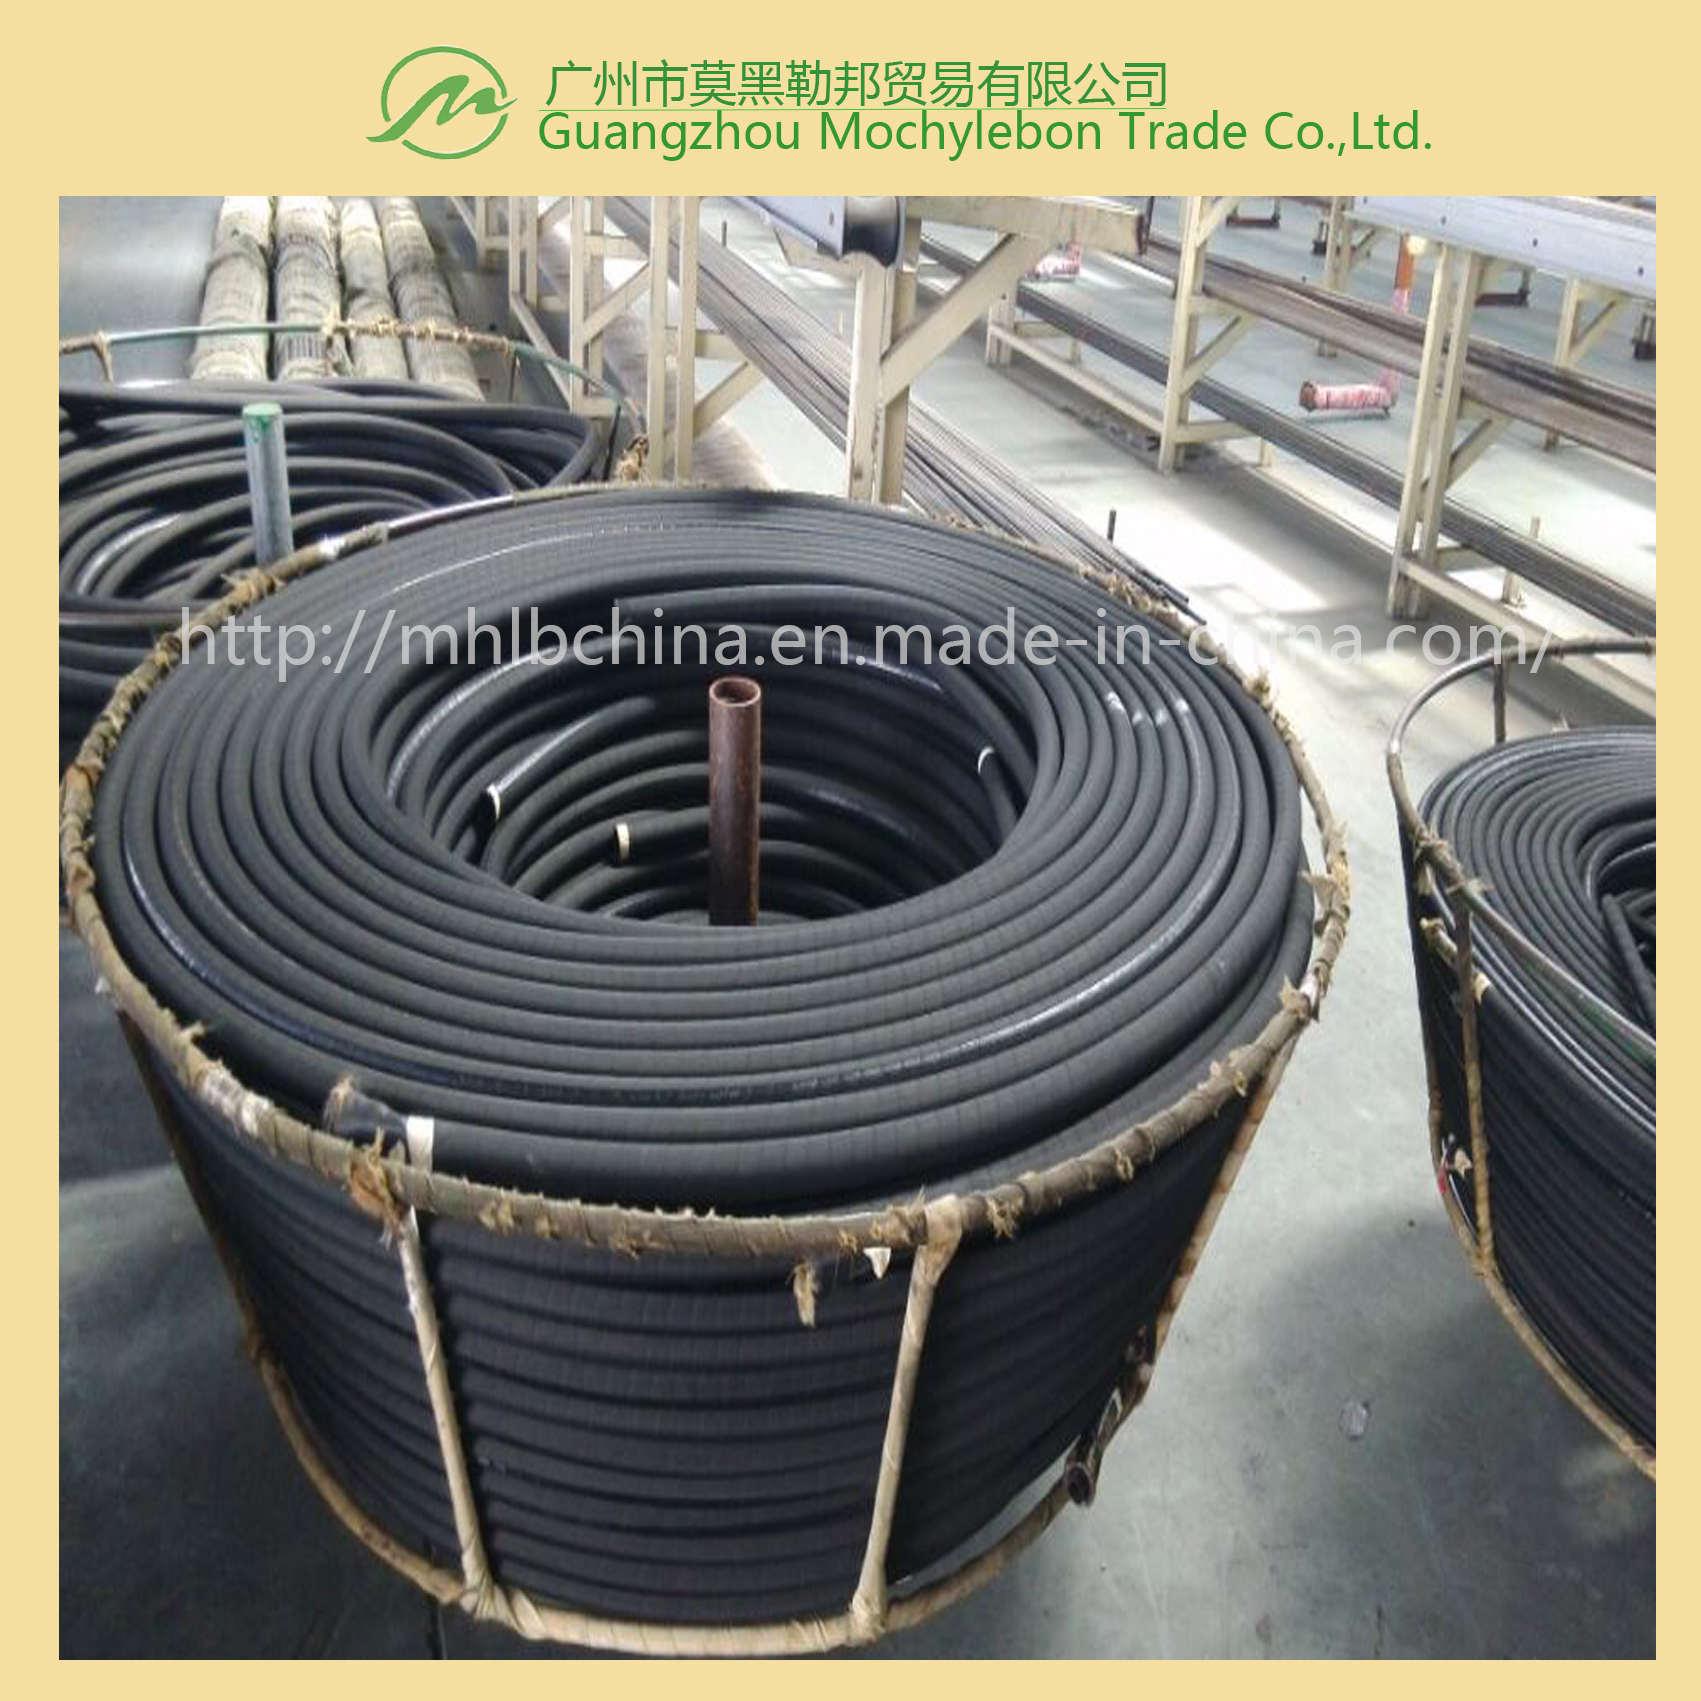 Steel Wire Spiral Hydraulic Hose (EN856 4SH-1-1/4)